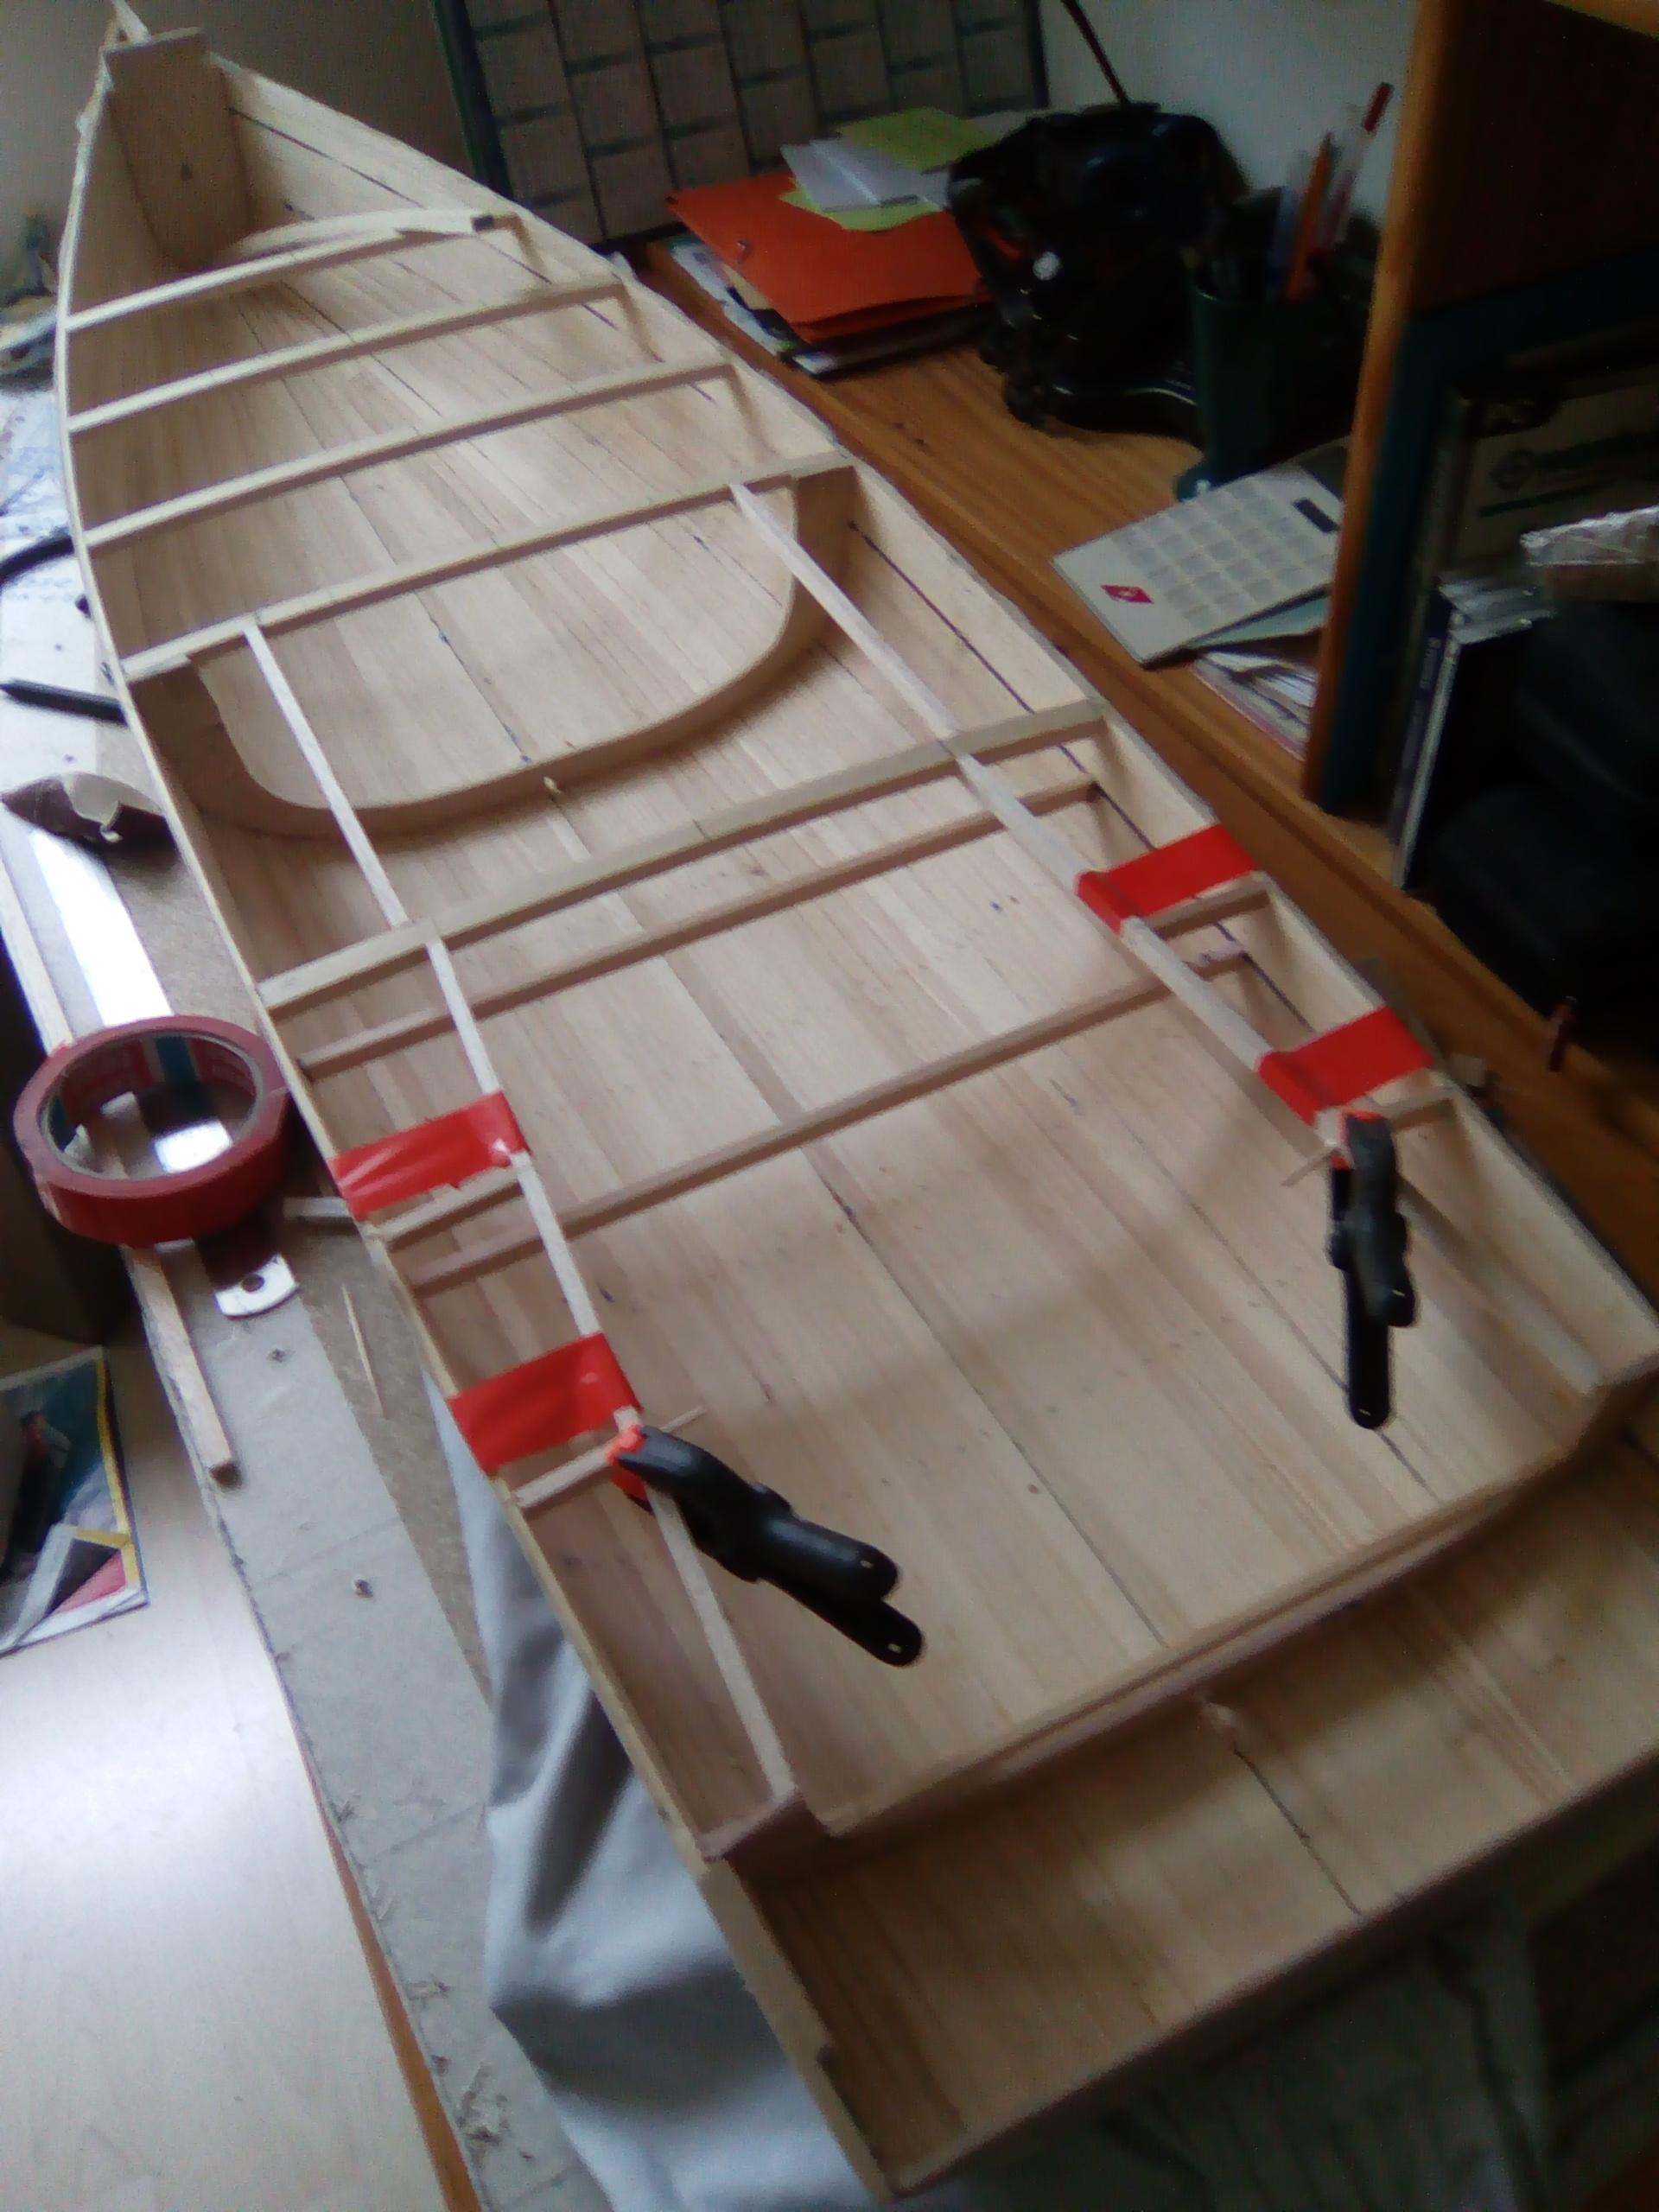 fabrication de mon nouveau jouet  15227903221836796146